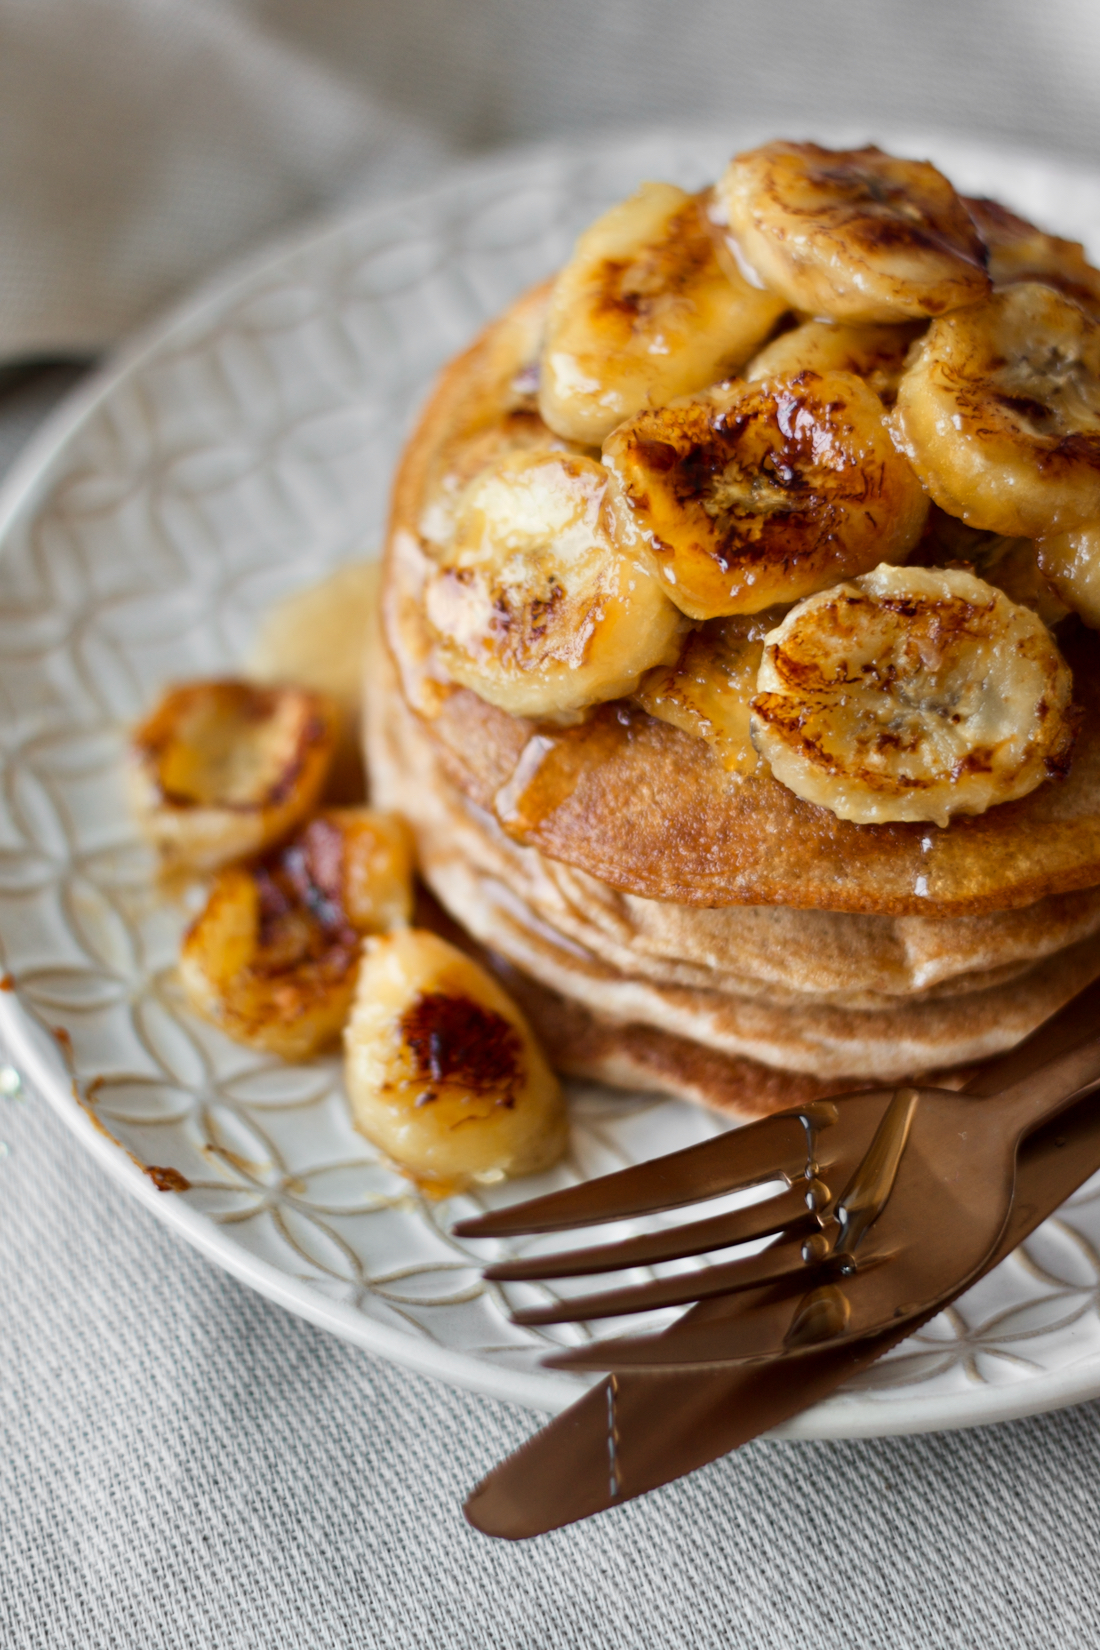 caramelized-banana-pancakes-panquecas-banana-caramelizadas-vegan-1